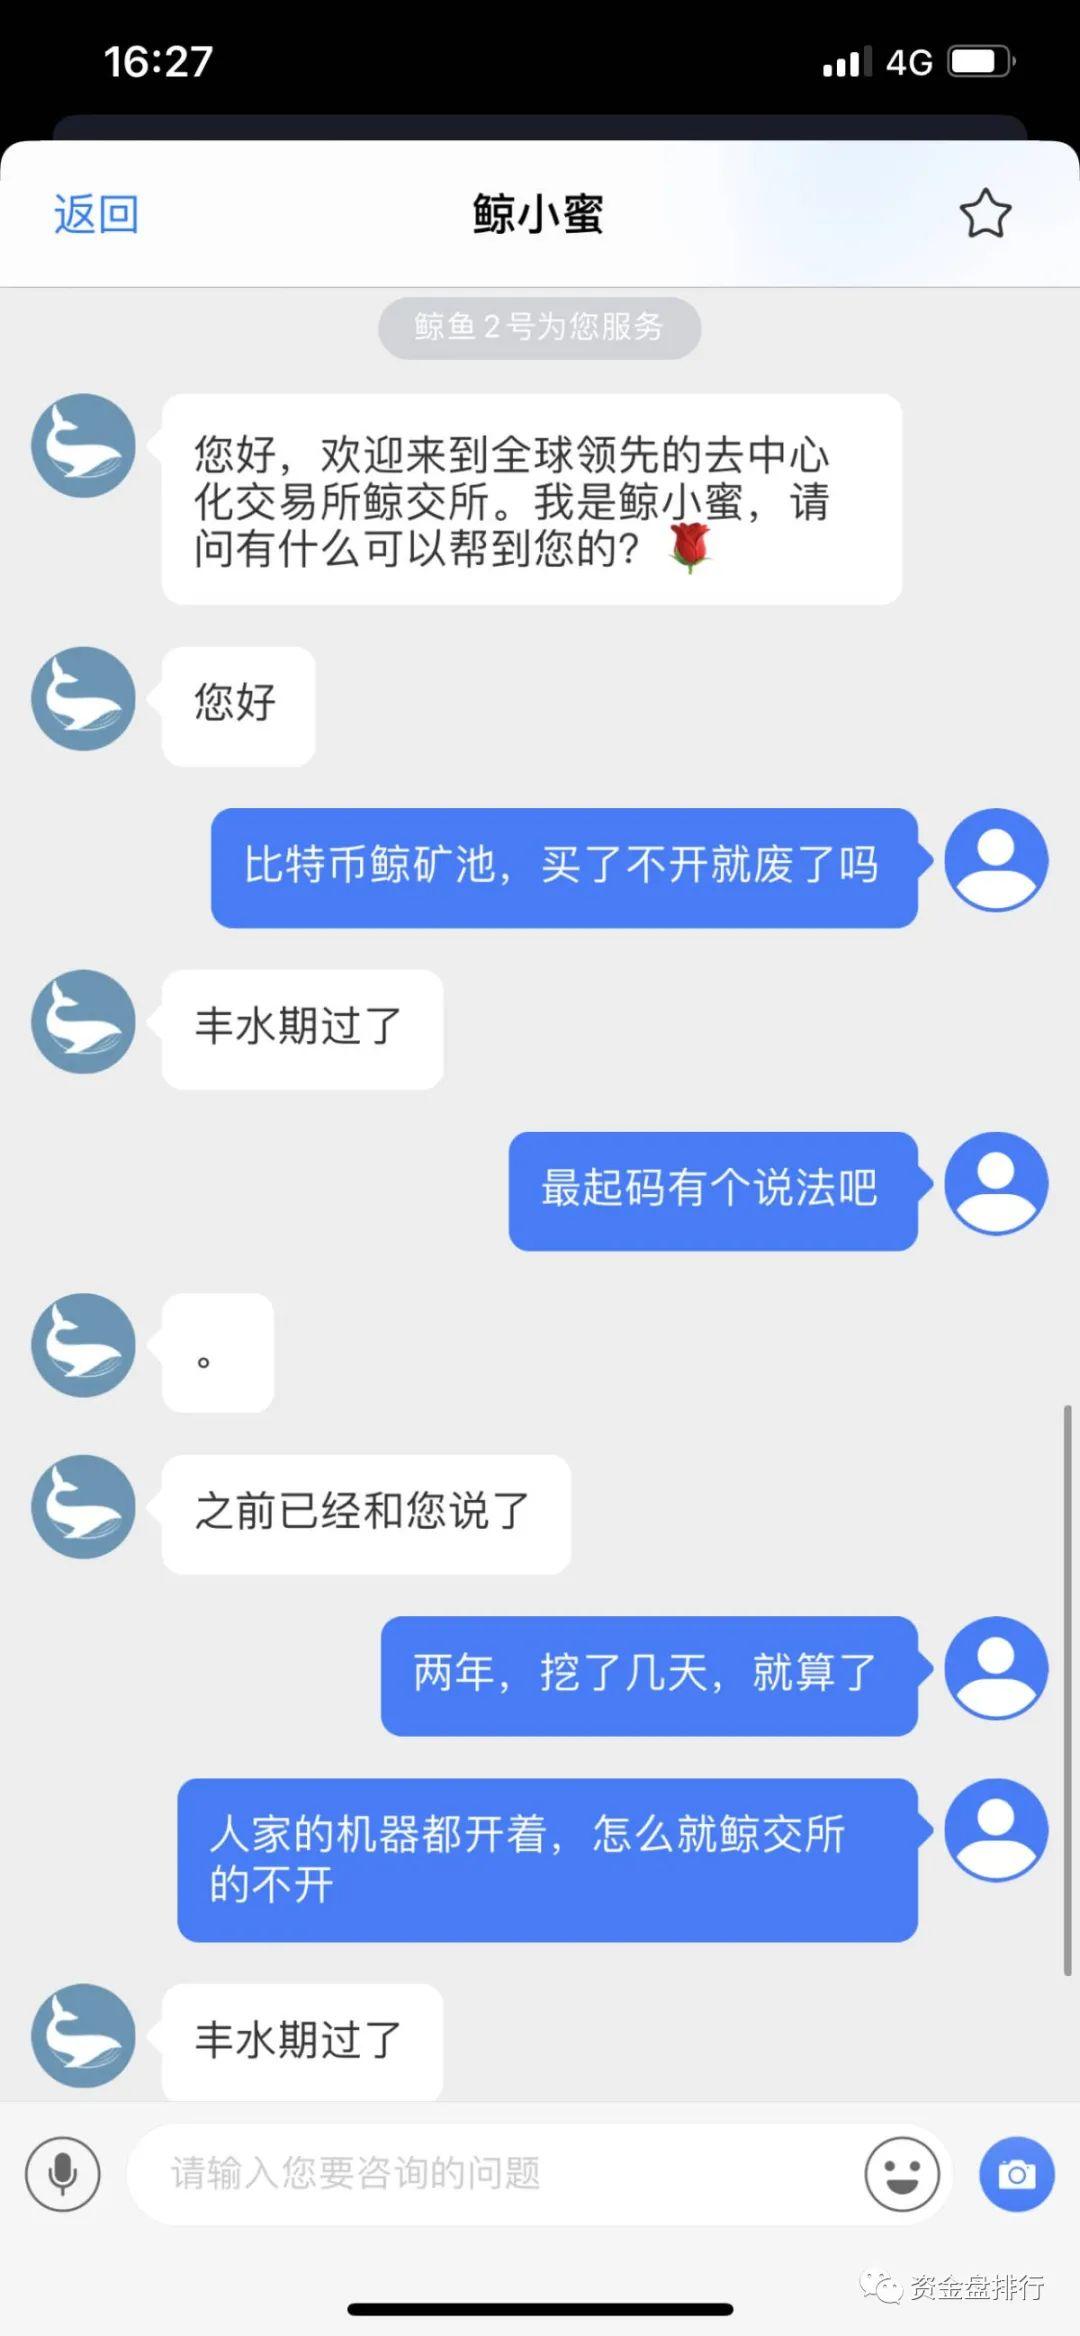 """【曝光】这家国内伪""""去中心化交易所""""千万别碰,要跑了!!!插图2"""